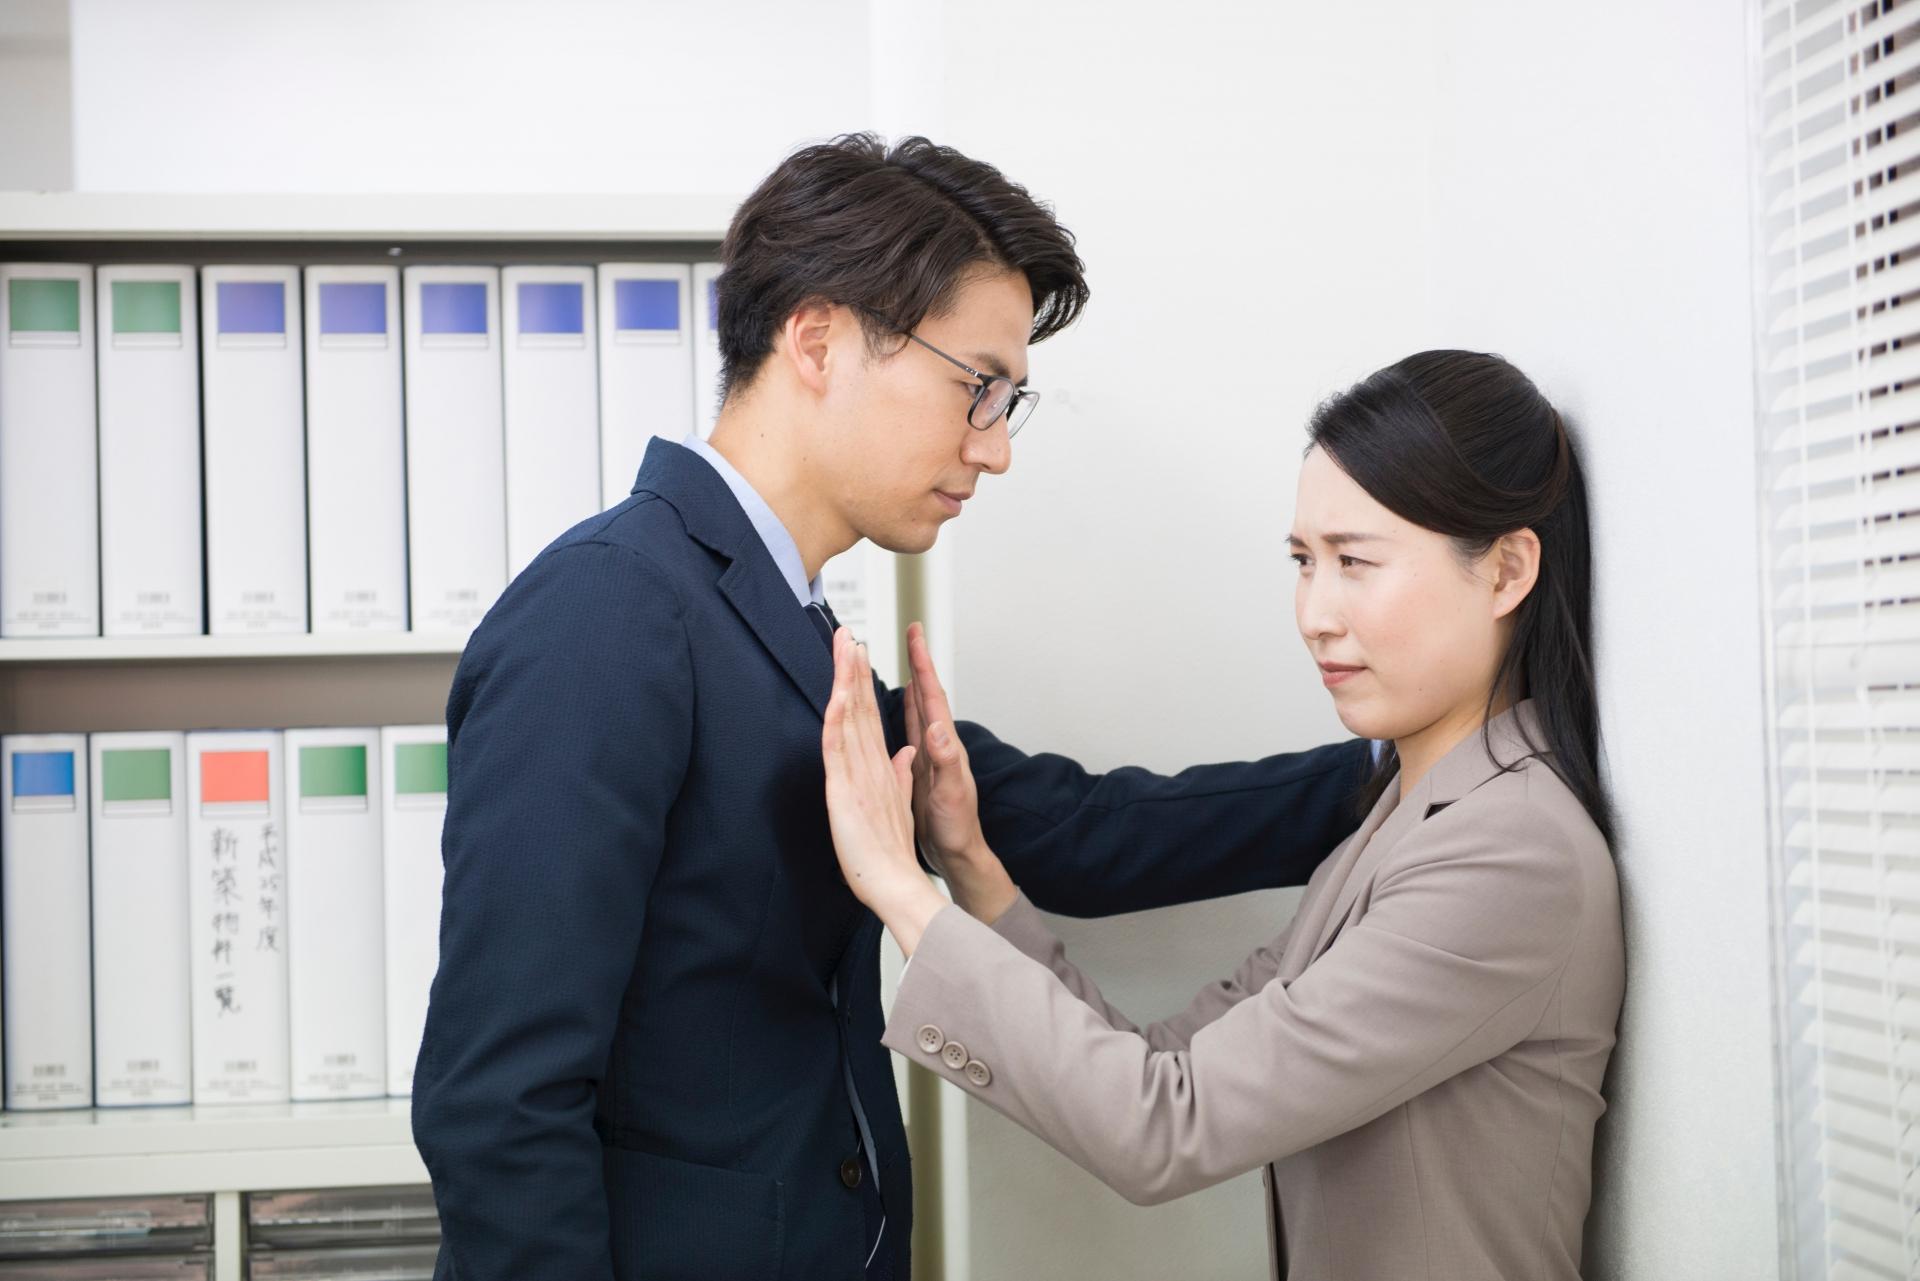 既婚男性と既婚女性は職場で恋愛に発展しやすい?大人の恋愛事情